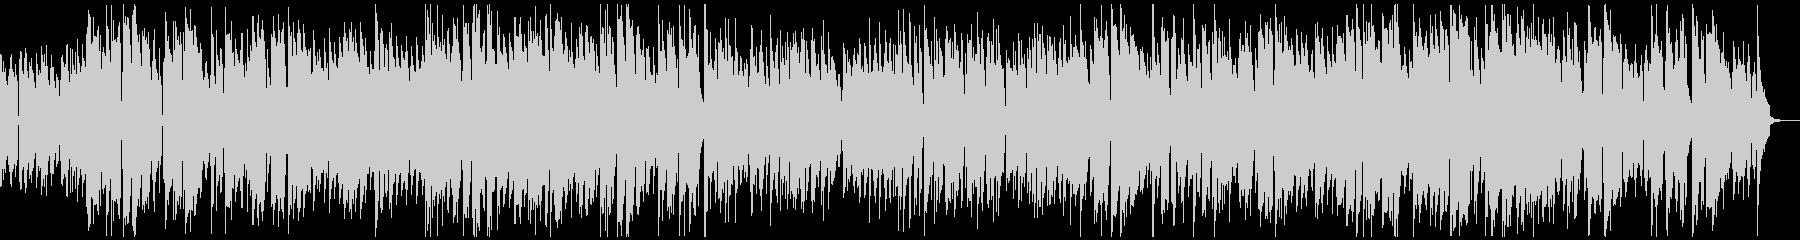 エレキギターによるほのぼのジャズの未再生の波形